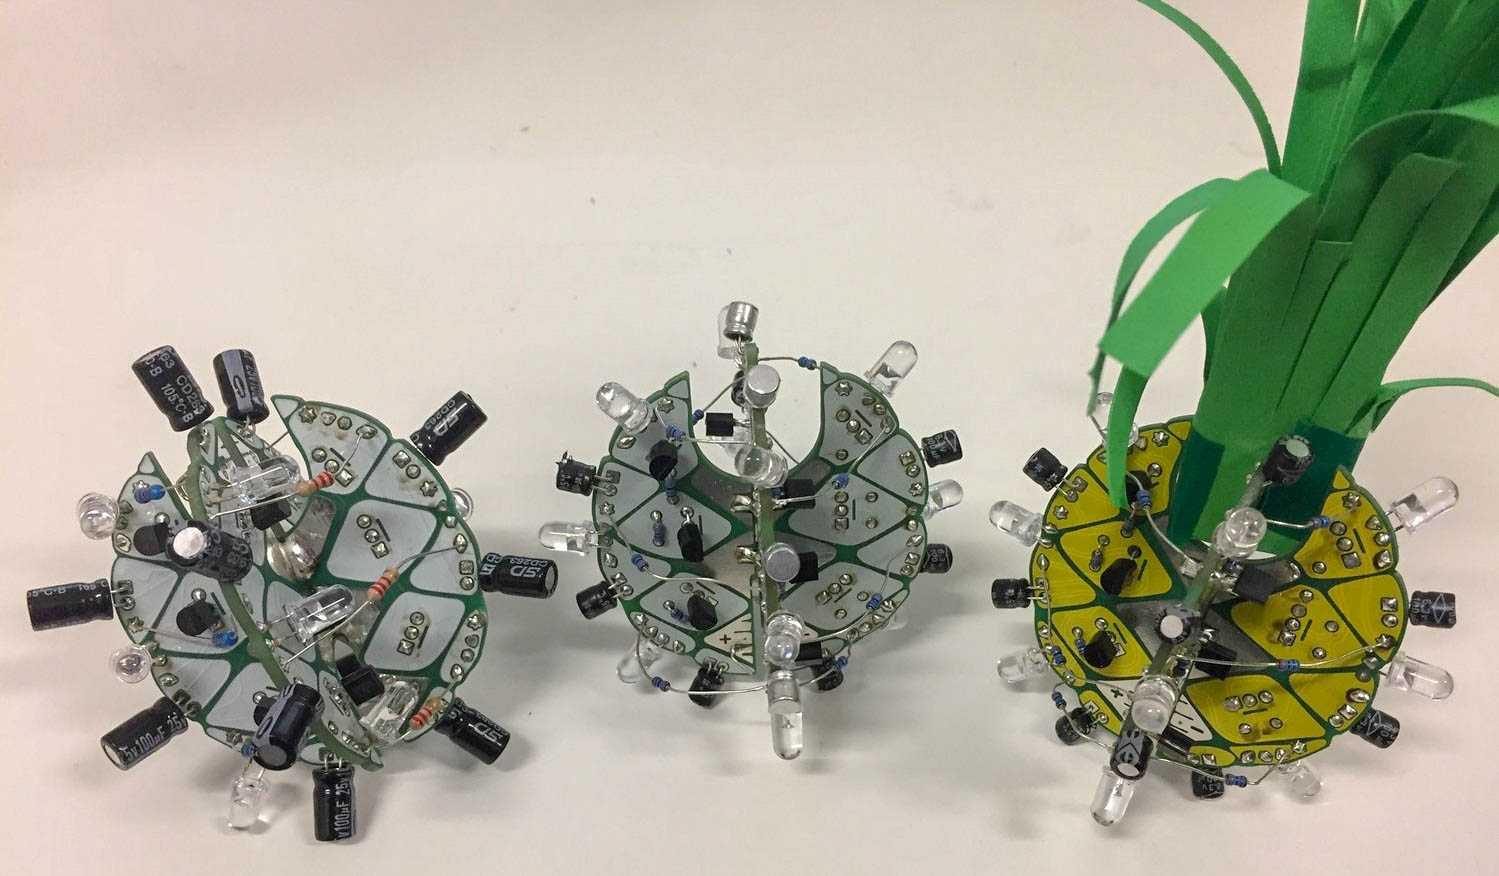 Drei Projekte aus zwei verschränkten Boards und aufgelöteten Komponenten, eines davon mit gelbem PCB und aufgestecktem Grün - wie eine Ananas.